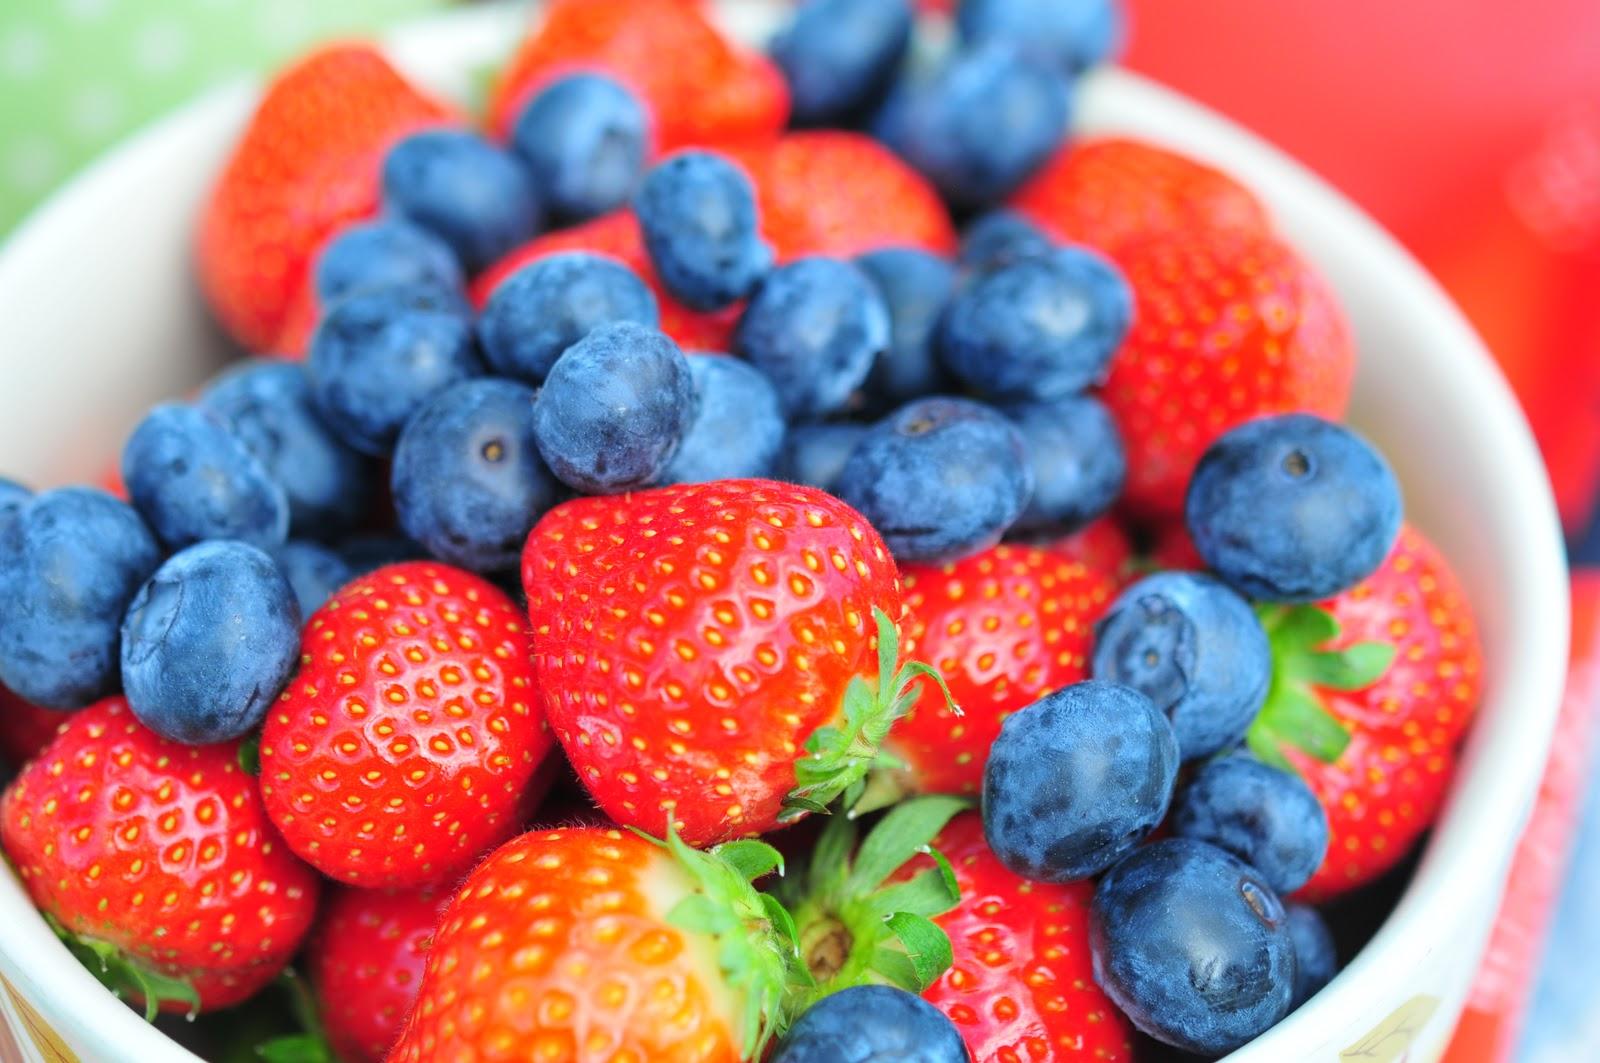 Strawberries-Blueberries